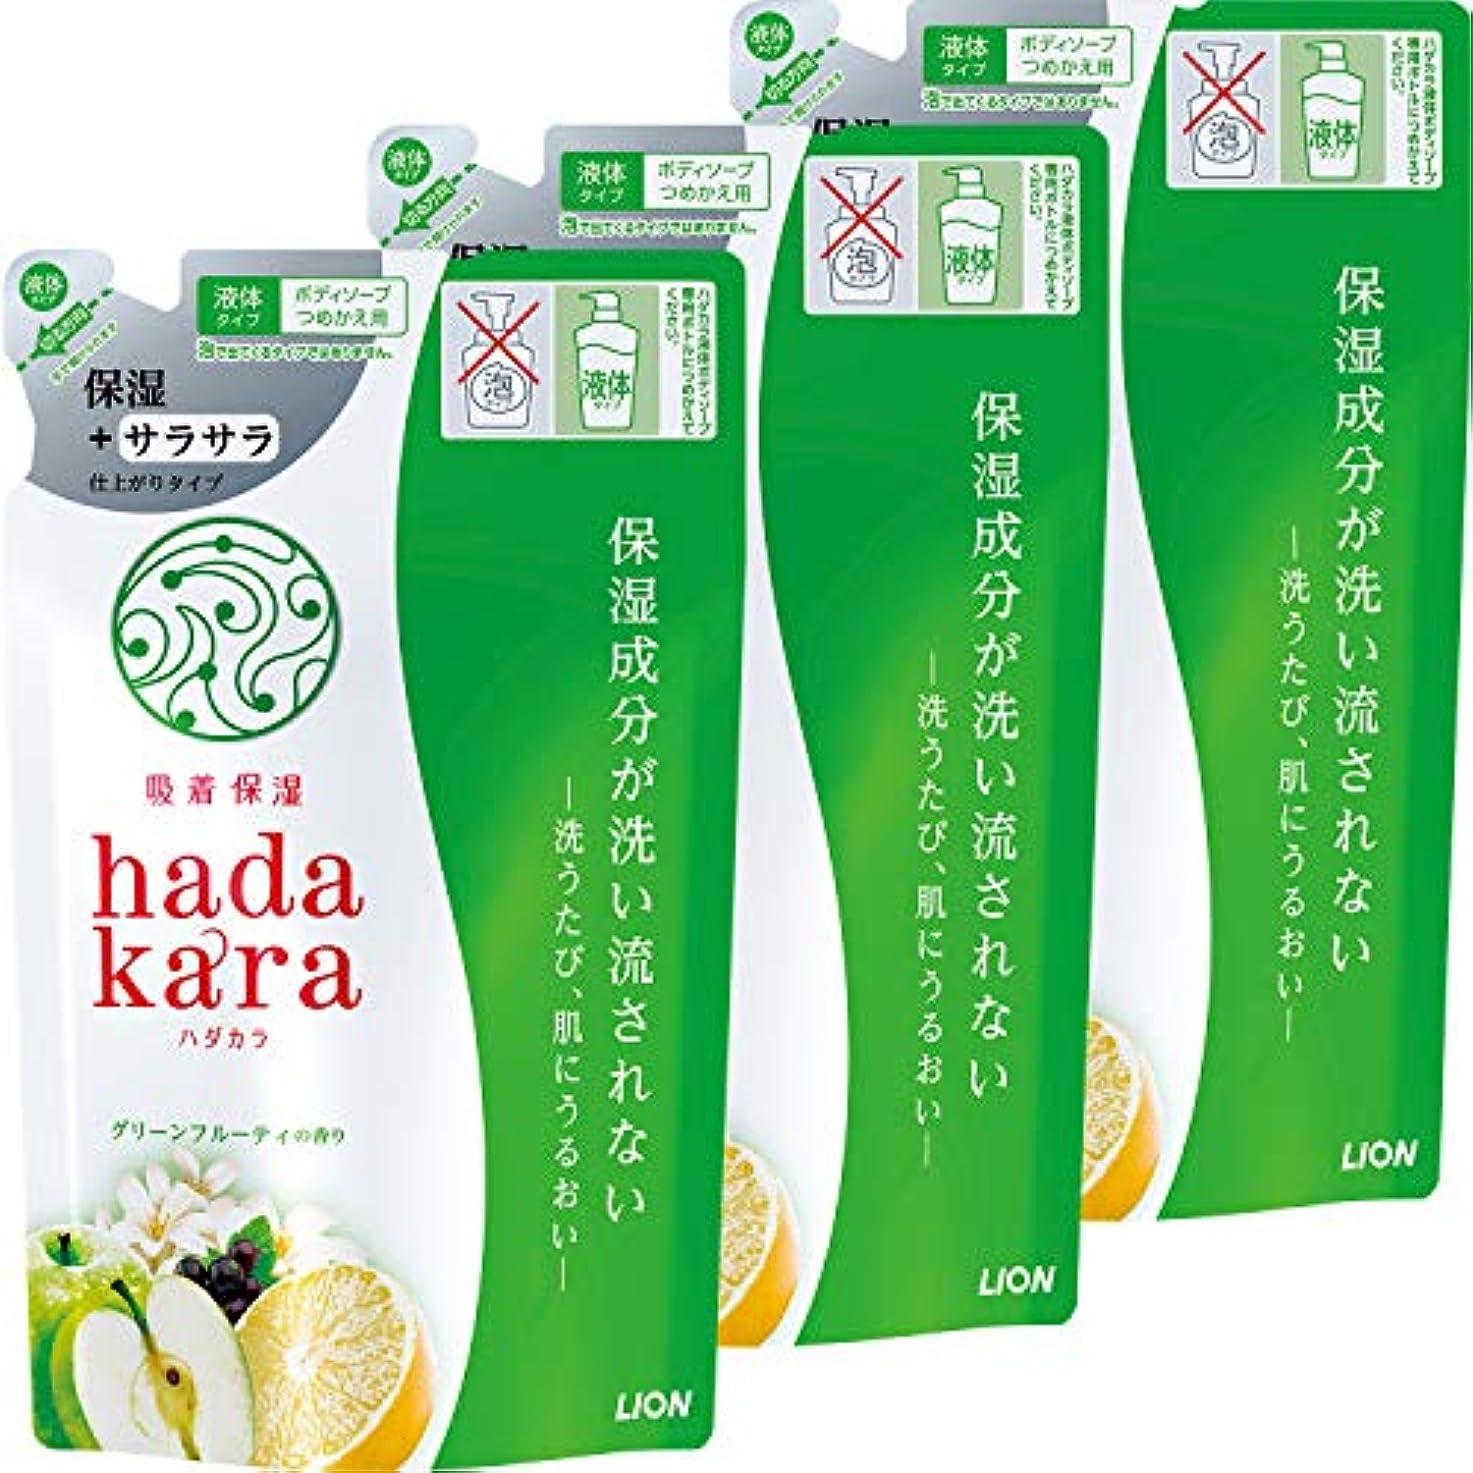 悪性腫瘍気づくマーキングhadakara(ハダカラ) ボディソープ 保湿+サラサラ仕上がりタイプ グリーンフルーティの香り つめかえ340ml×3個 グリーンフルーティ(保湿+サラサラ仕上がり) 詰替え用